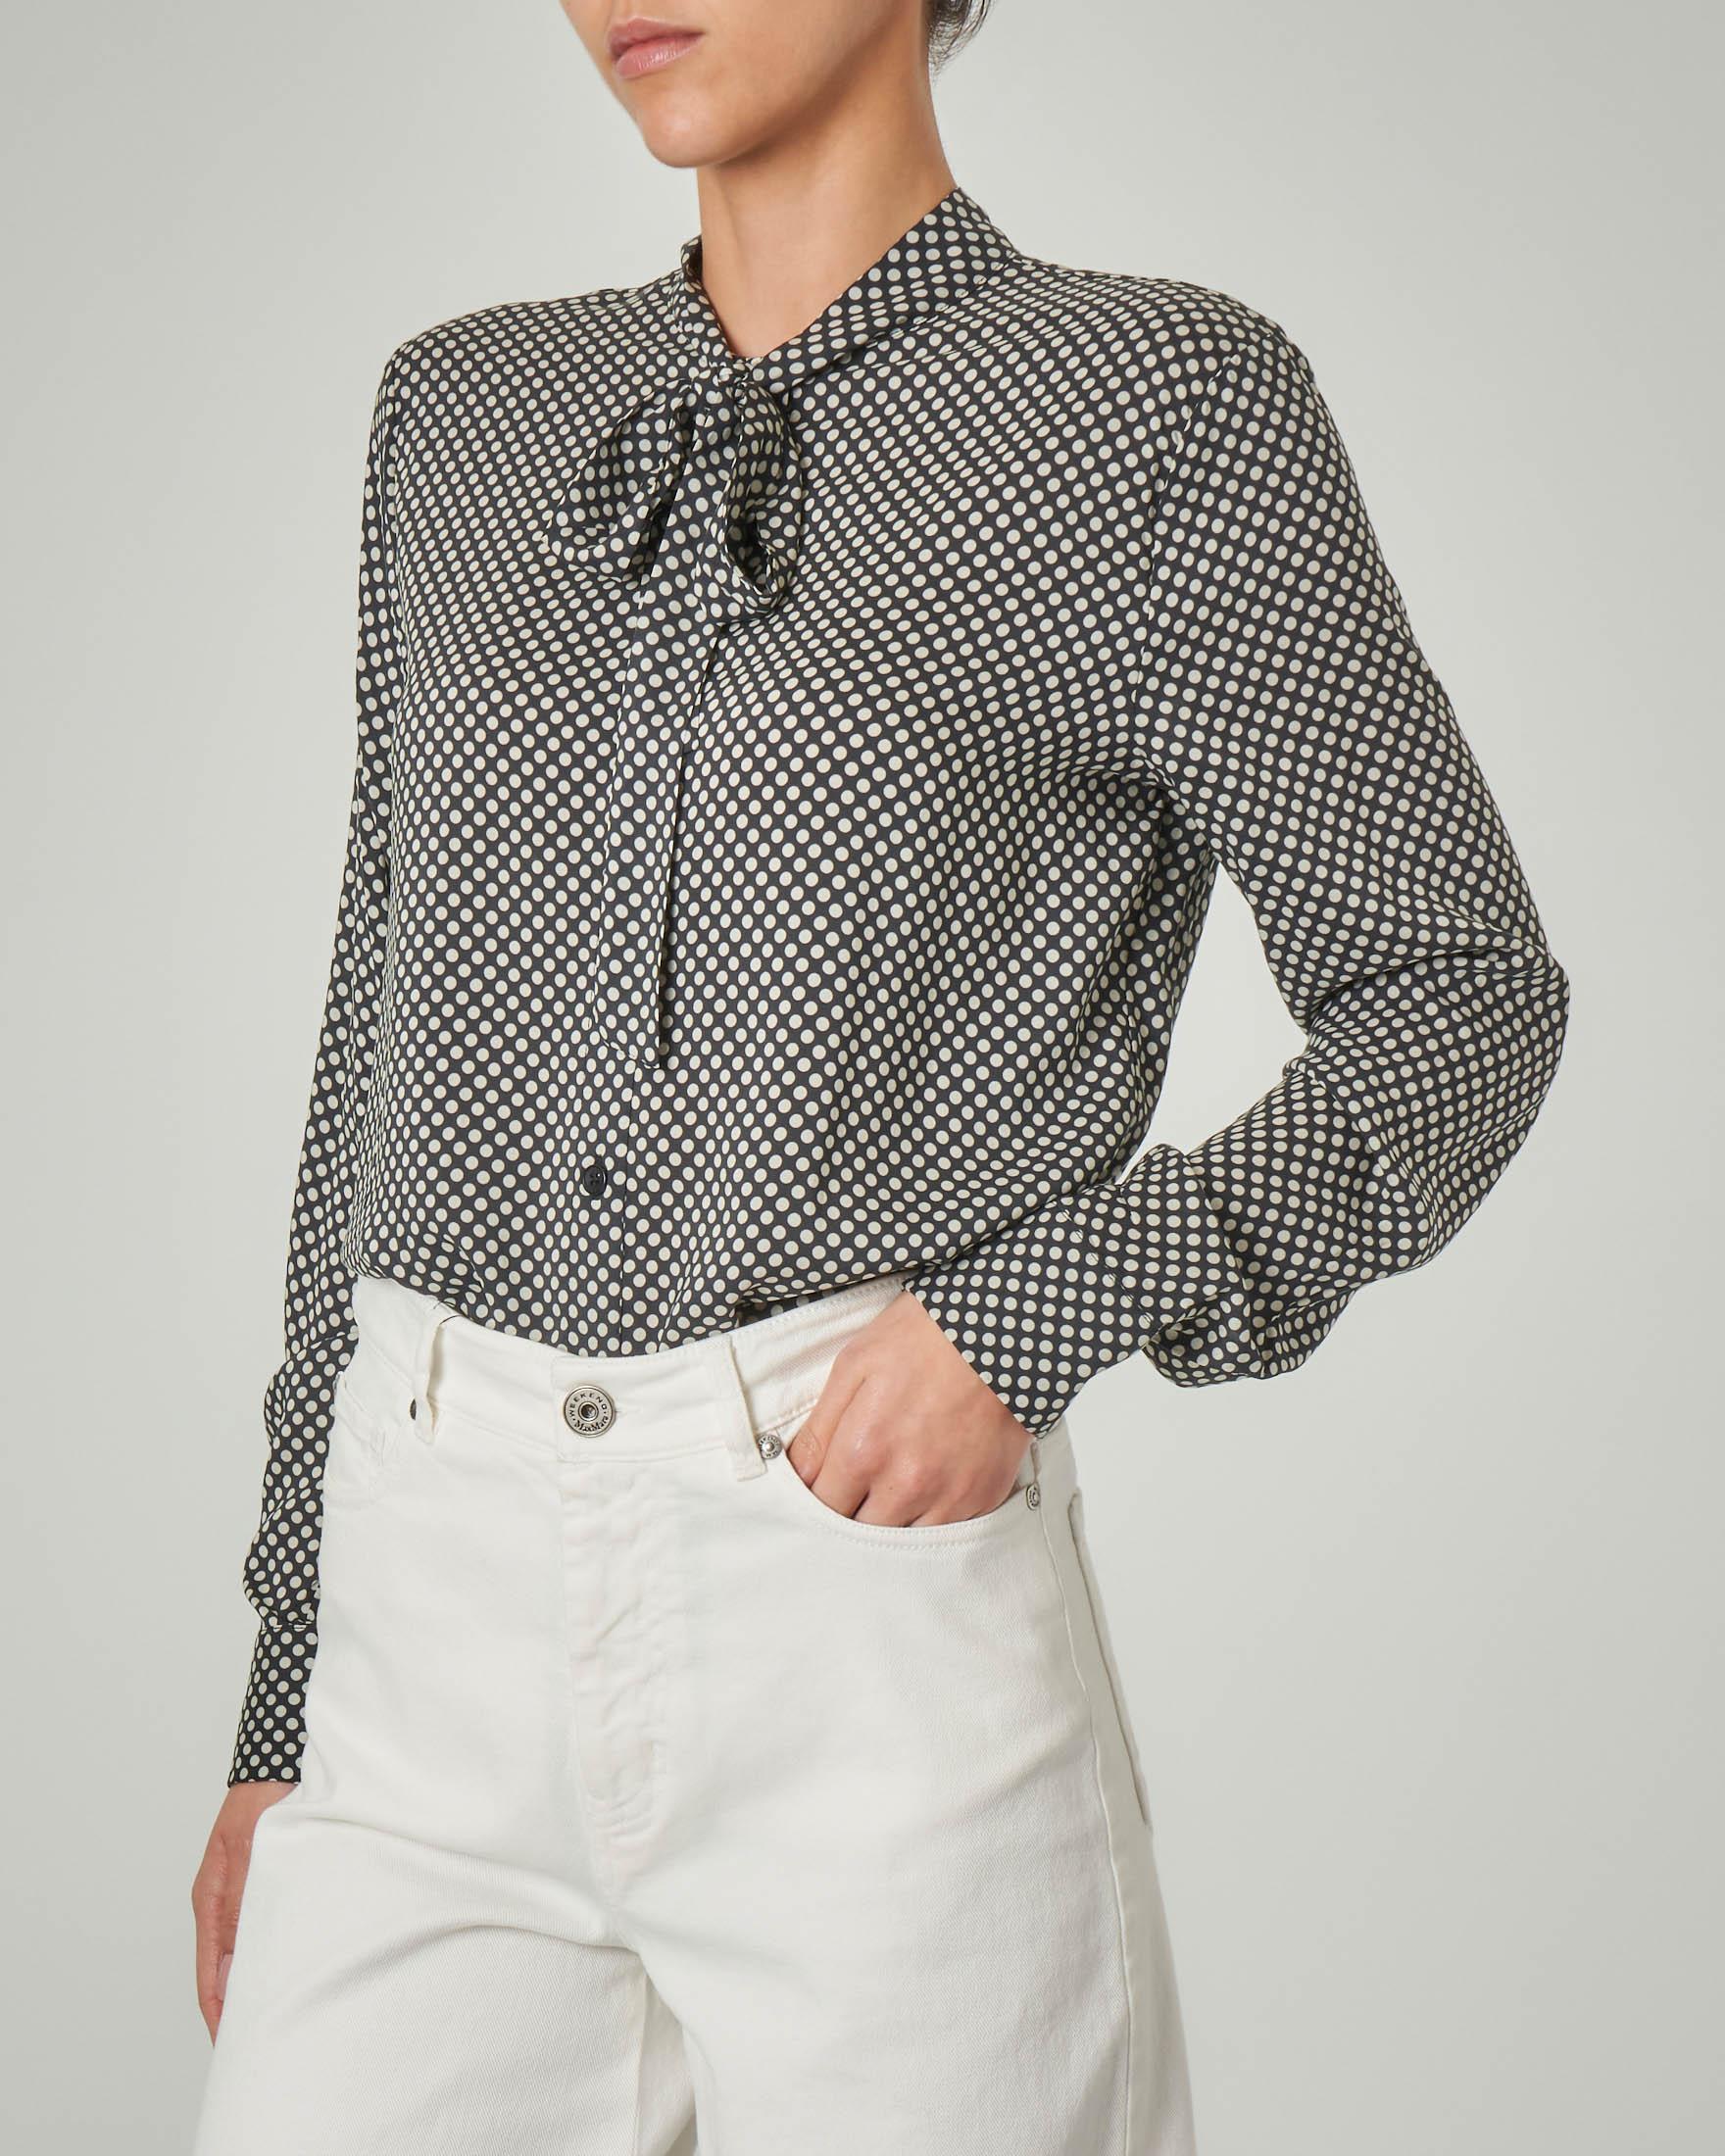 Camicia nera a pois bianchi in viscosa con fiocco